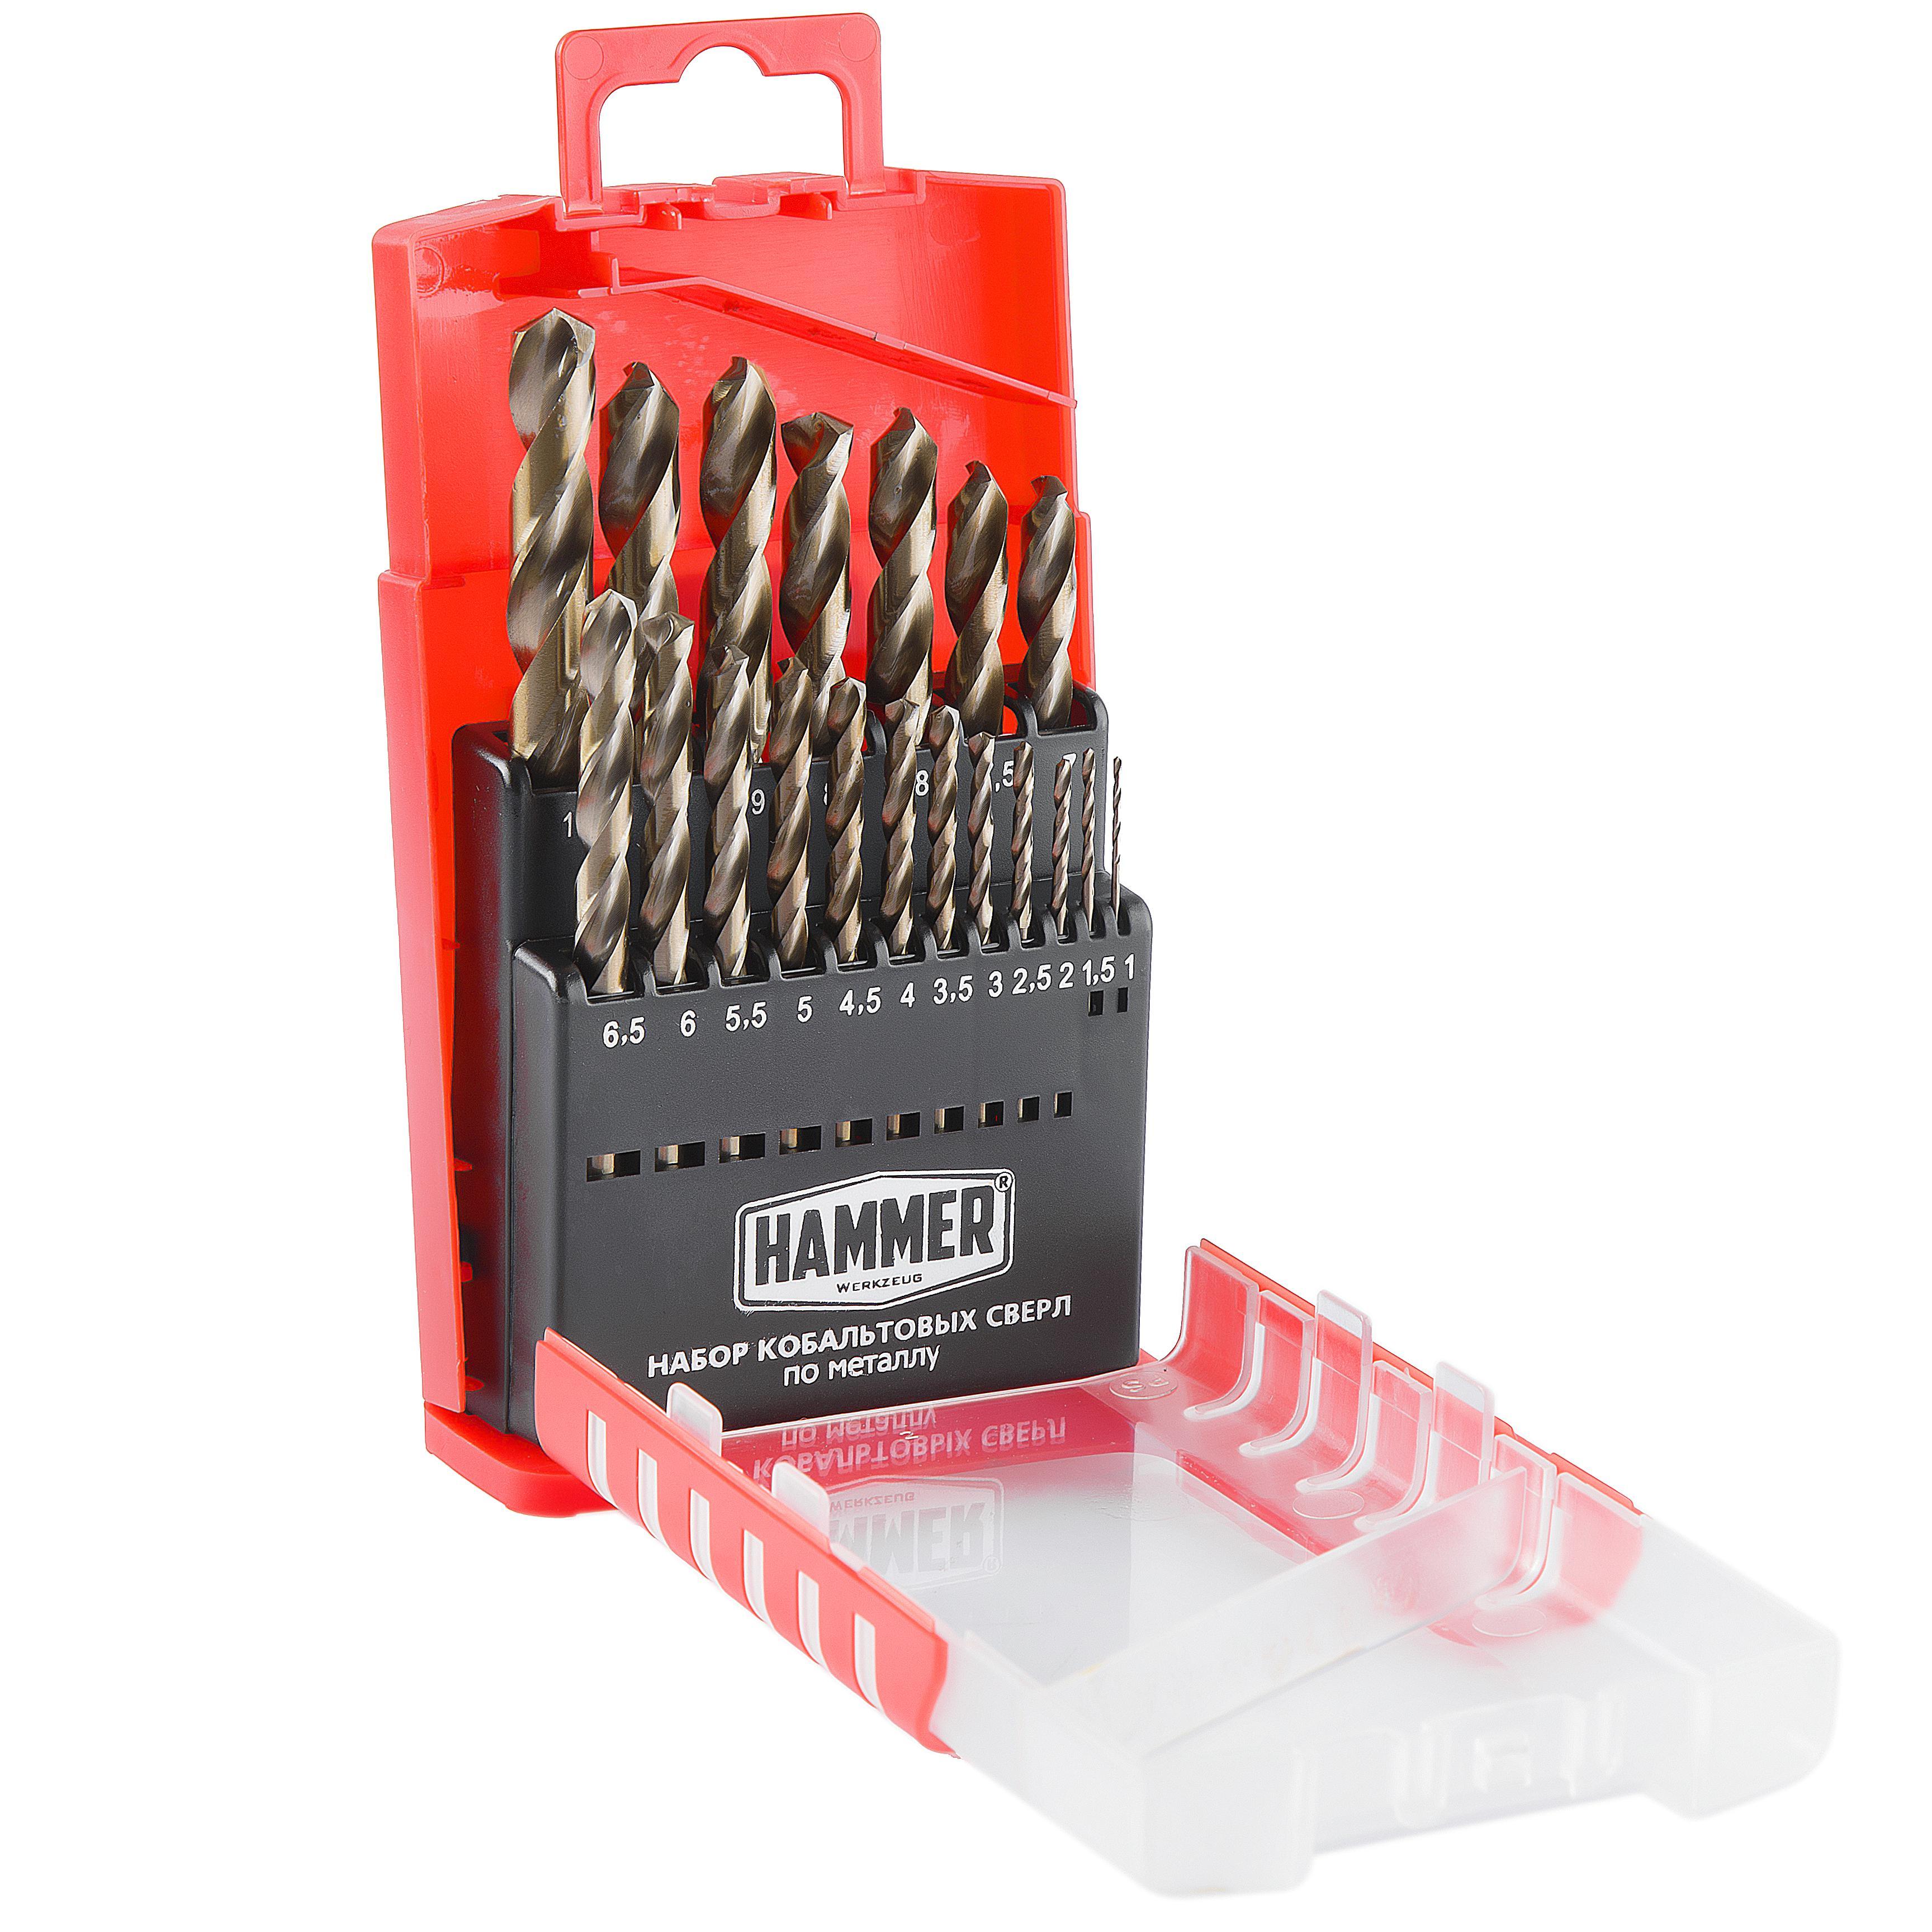 Набор сверл Hammer No7 (19шт.) 1,0-10мм набор инструментов 19шт gigant gt 19